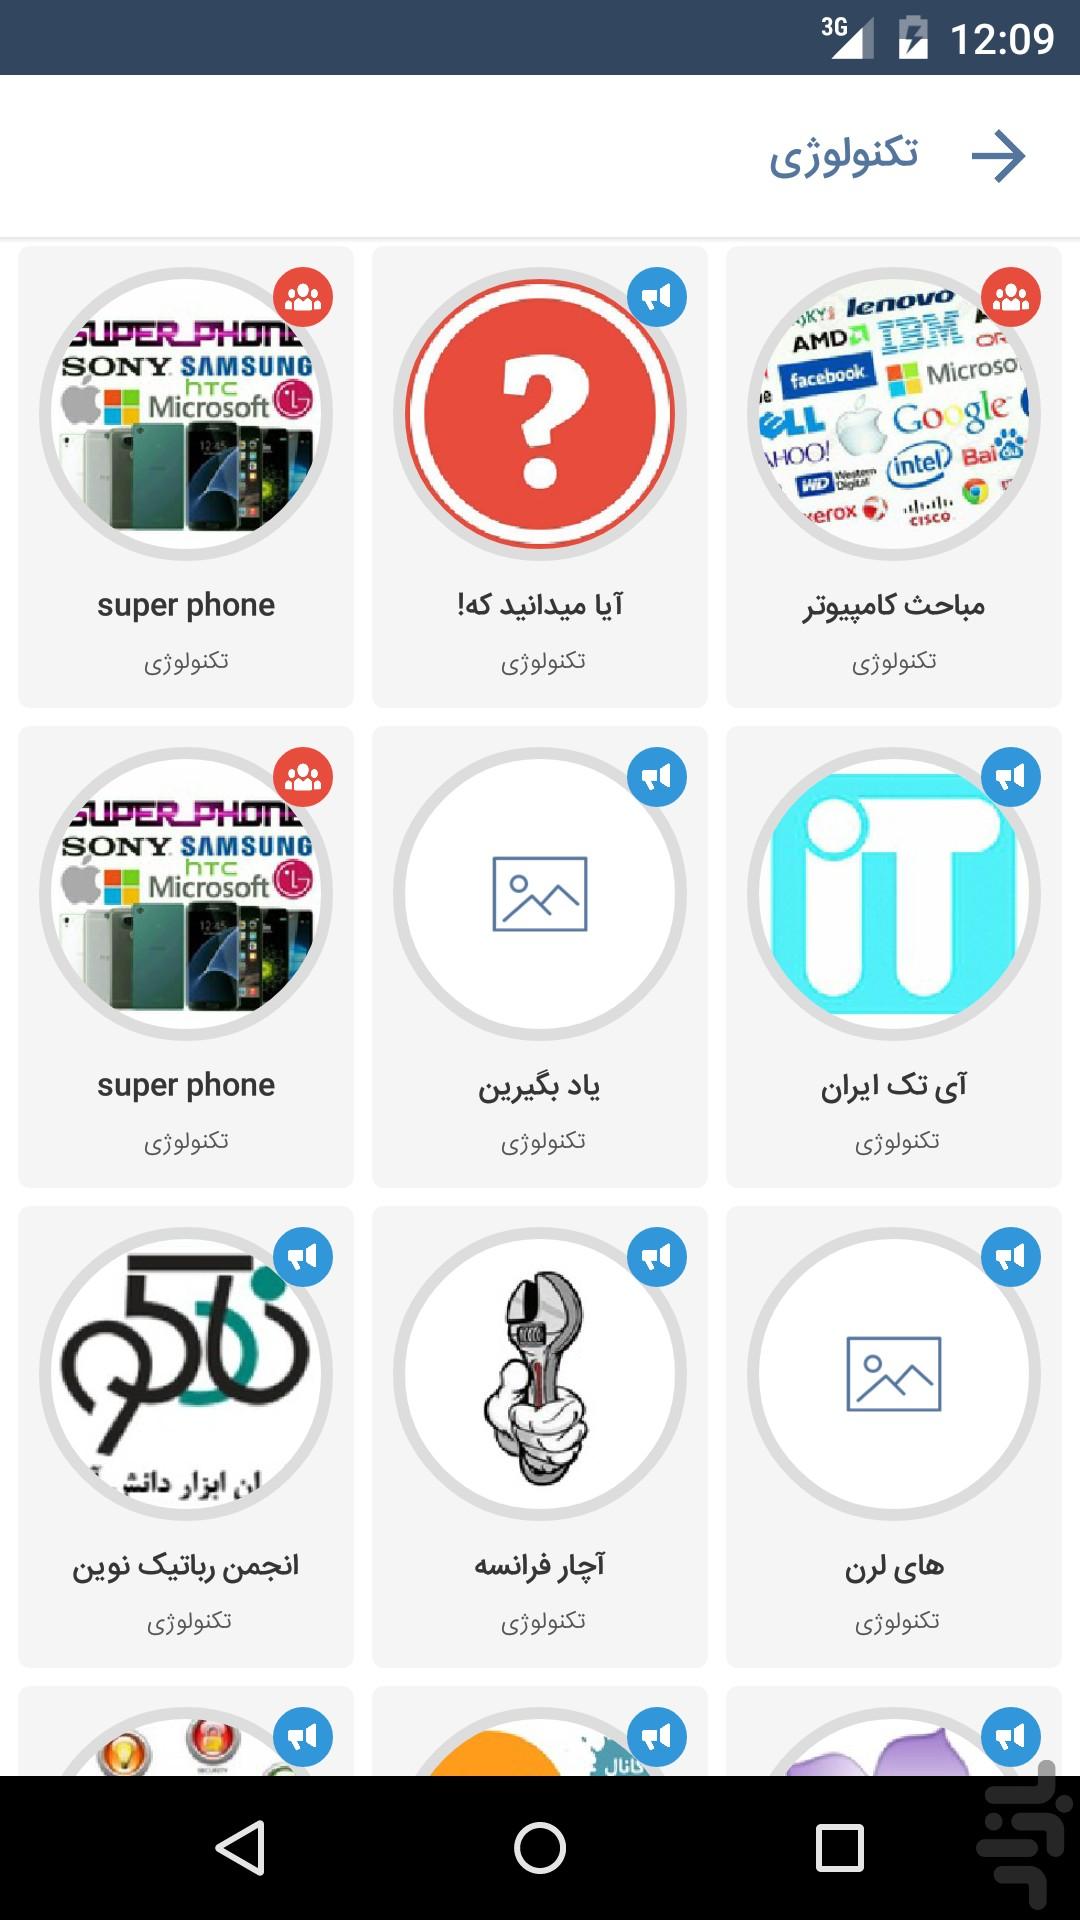 لینک گروه های آشپزی درتلگرام گروه های تلگرام رایگان | دانلود جدید 96 | جدید 95